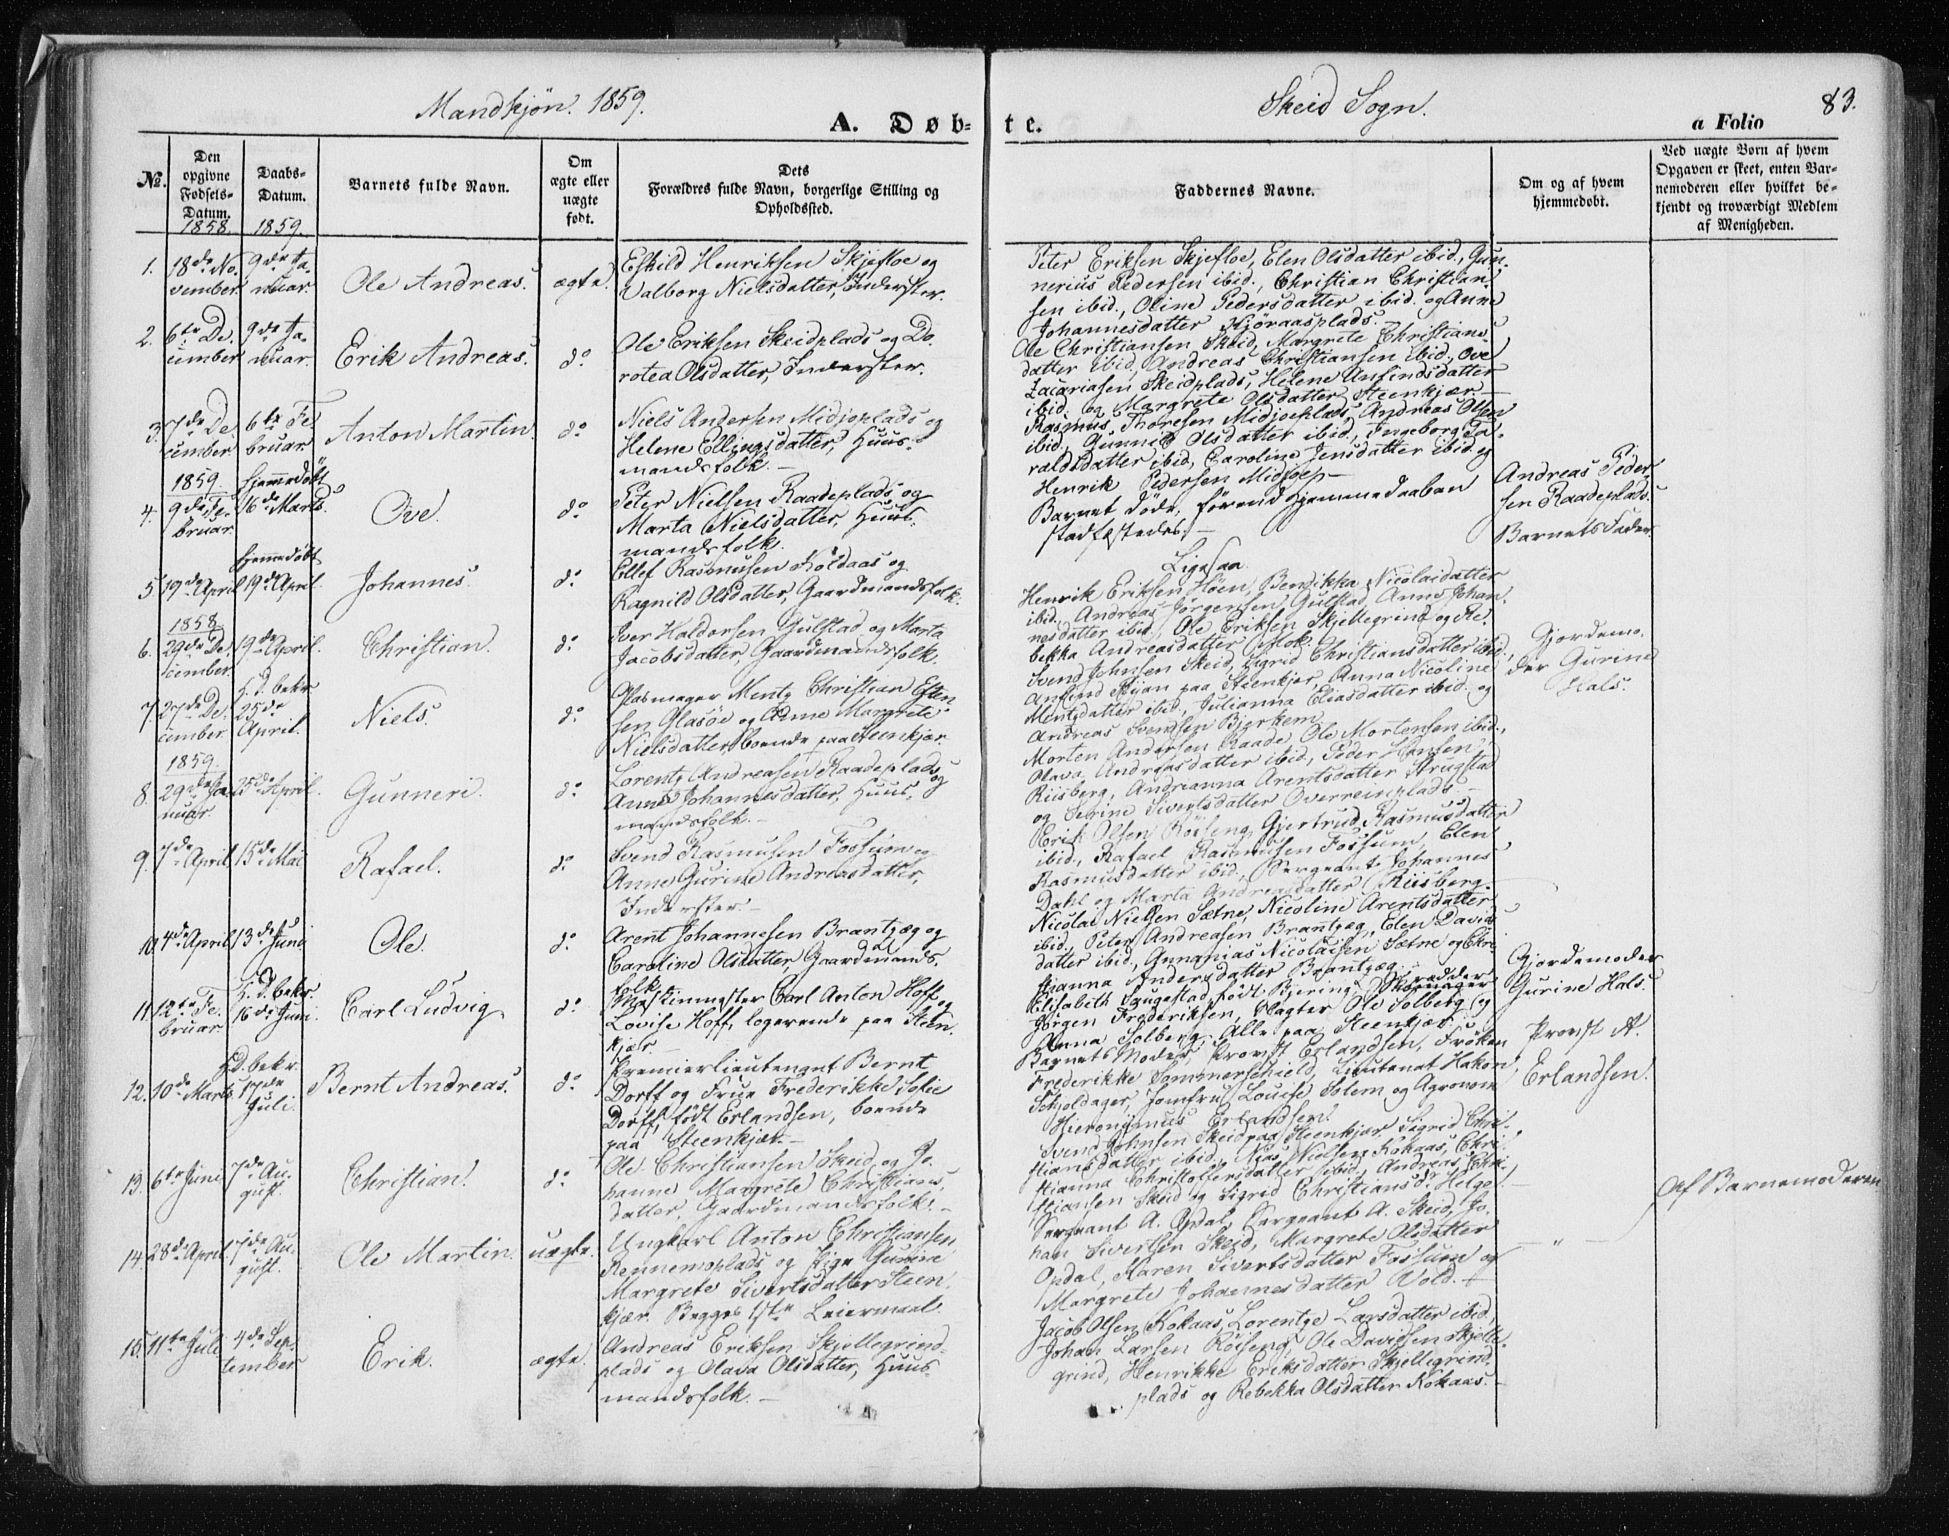 SAT, Ministerialprotokoller, klokkerbøker og fødselsregistre - Nord-Trøndelag, 735/L0342: Ministerialbok nr. 735A07 /2, 1849-1862, s. 83